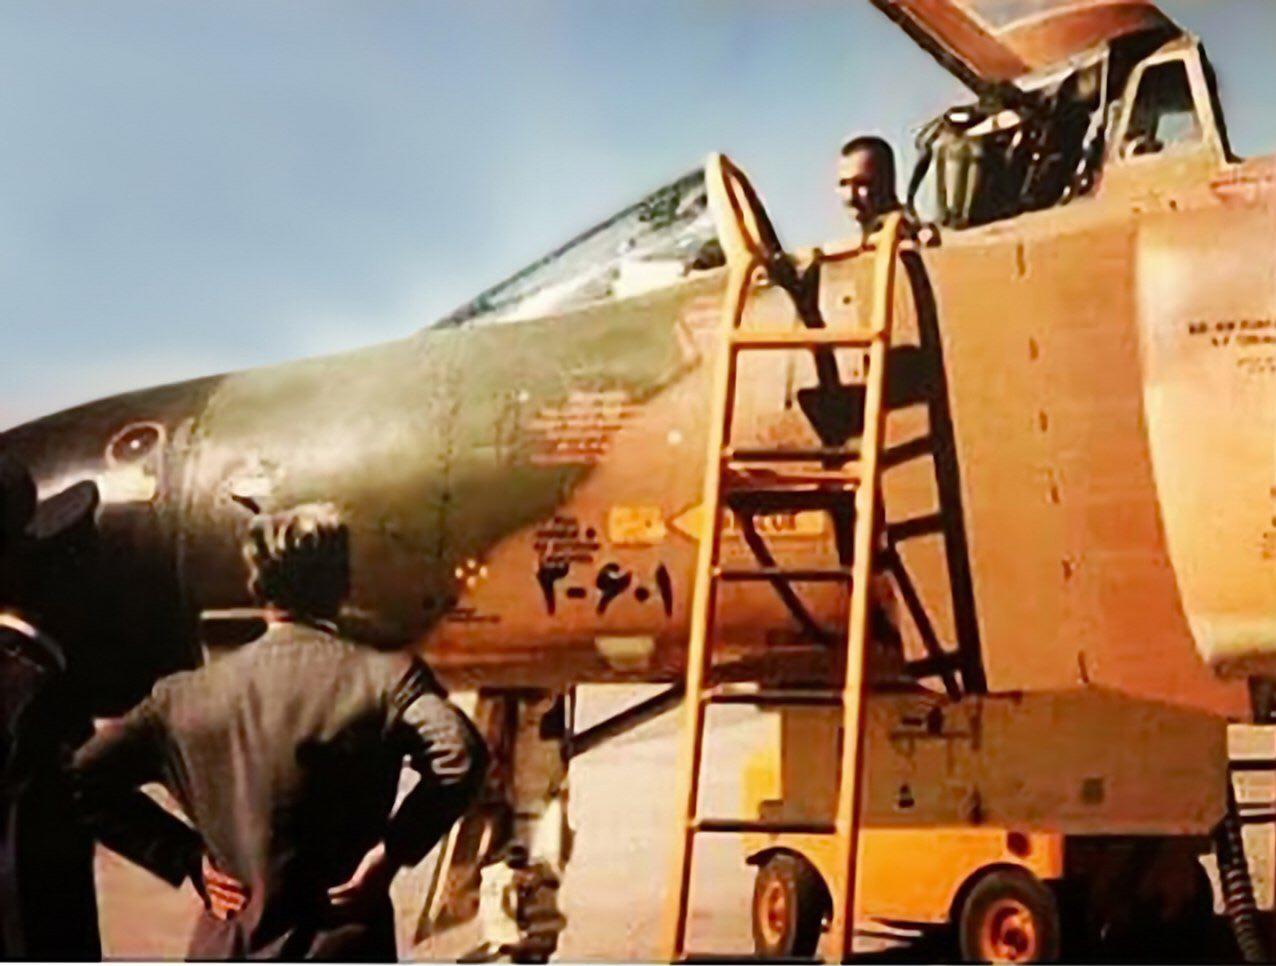 ماجرای استفاده آمریکا از «اشباح ایرانی» در تقابل با شوروی غافلگیری در خلیج فارس